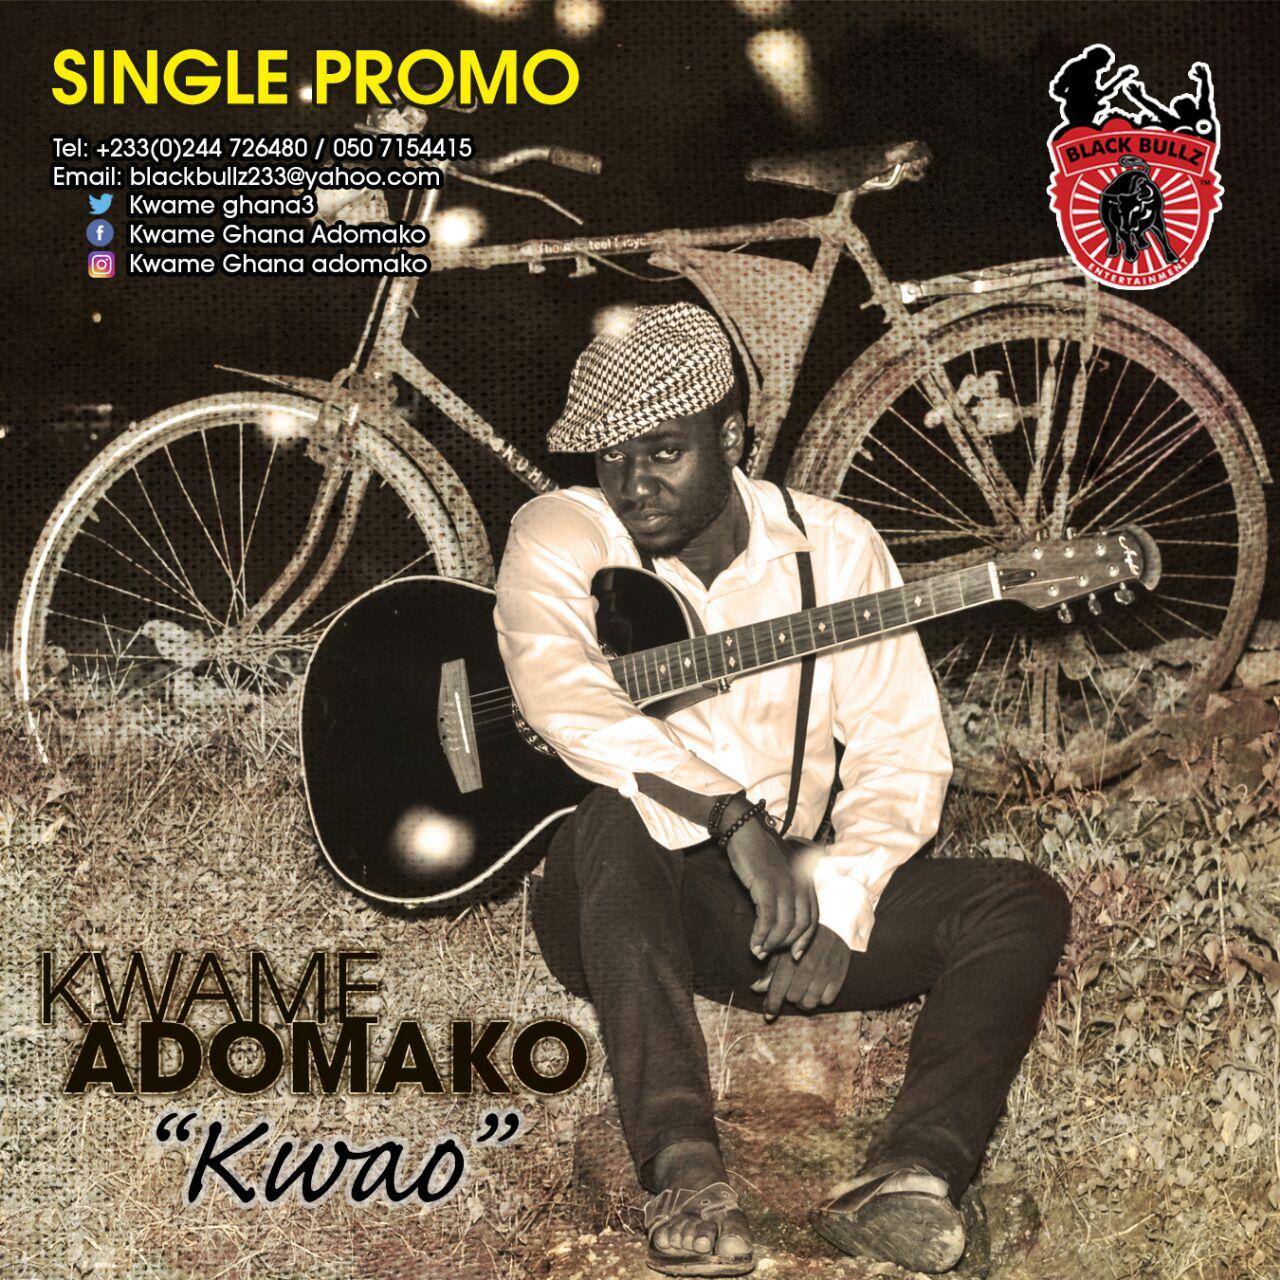 Kwame Adomako – Kwao